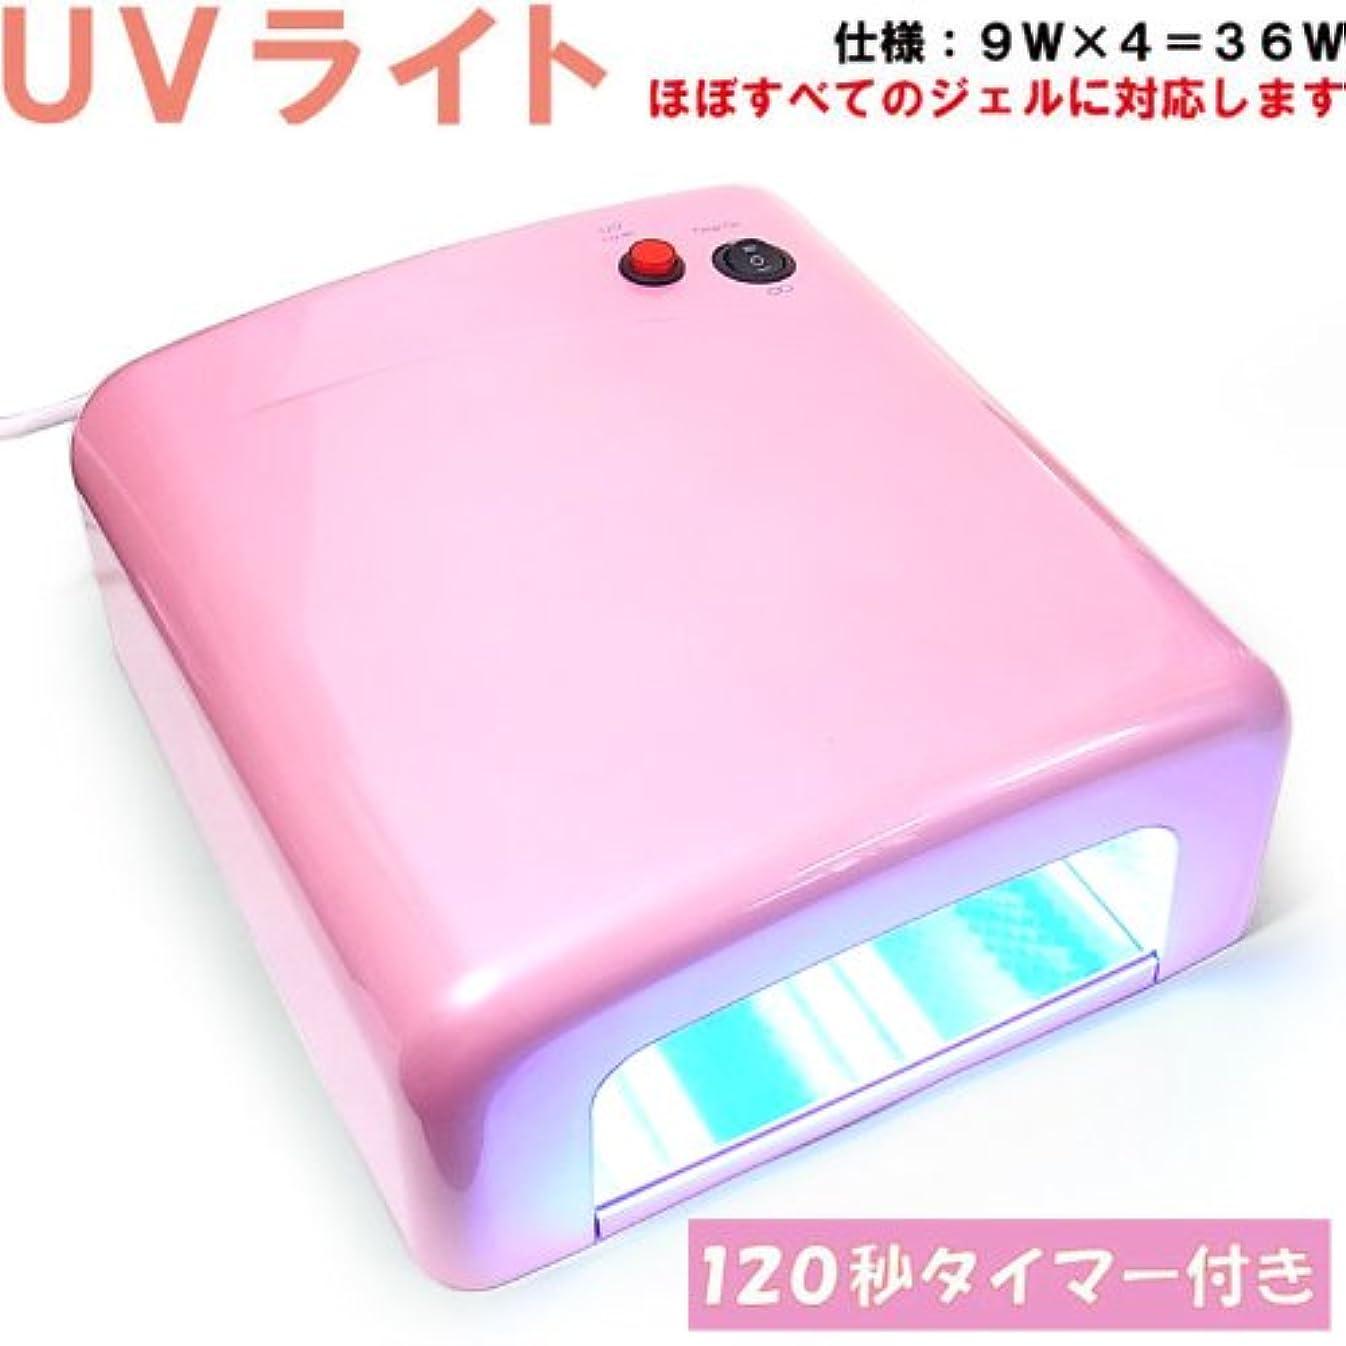 受け継ぐ尊厳いくつかのジェルネイル用UVライト36W(電球9W×4本付き)UVランプ【ピンク】